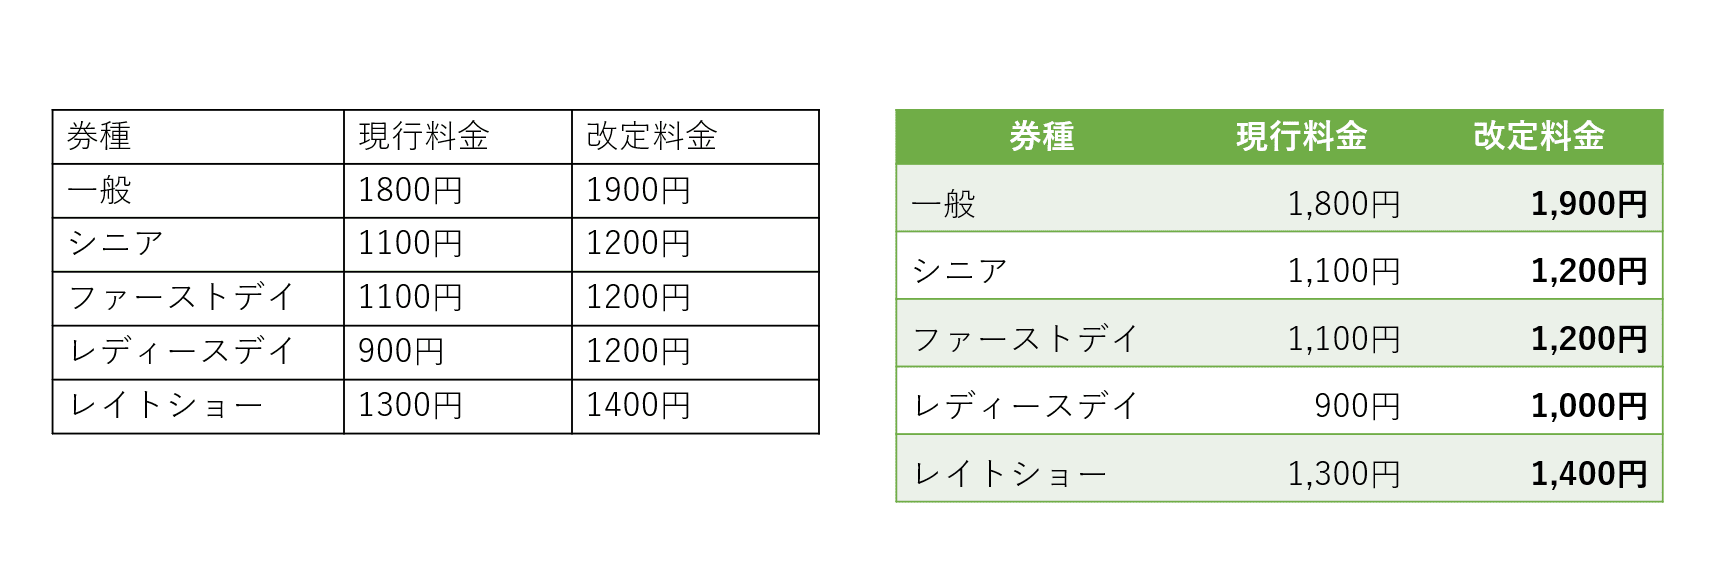 見やすい表